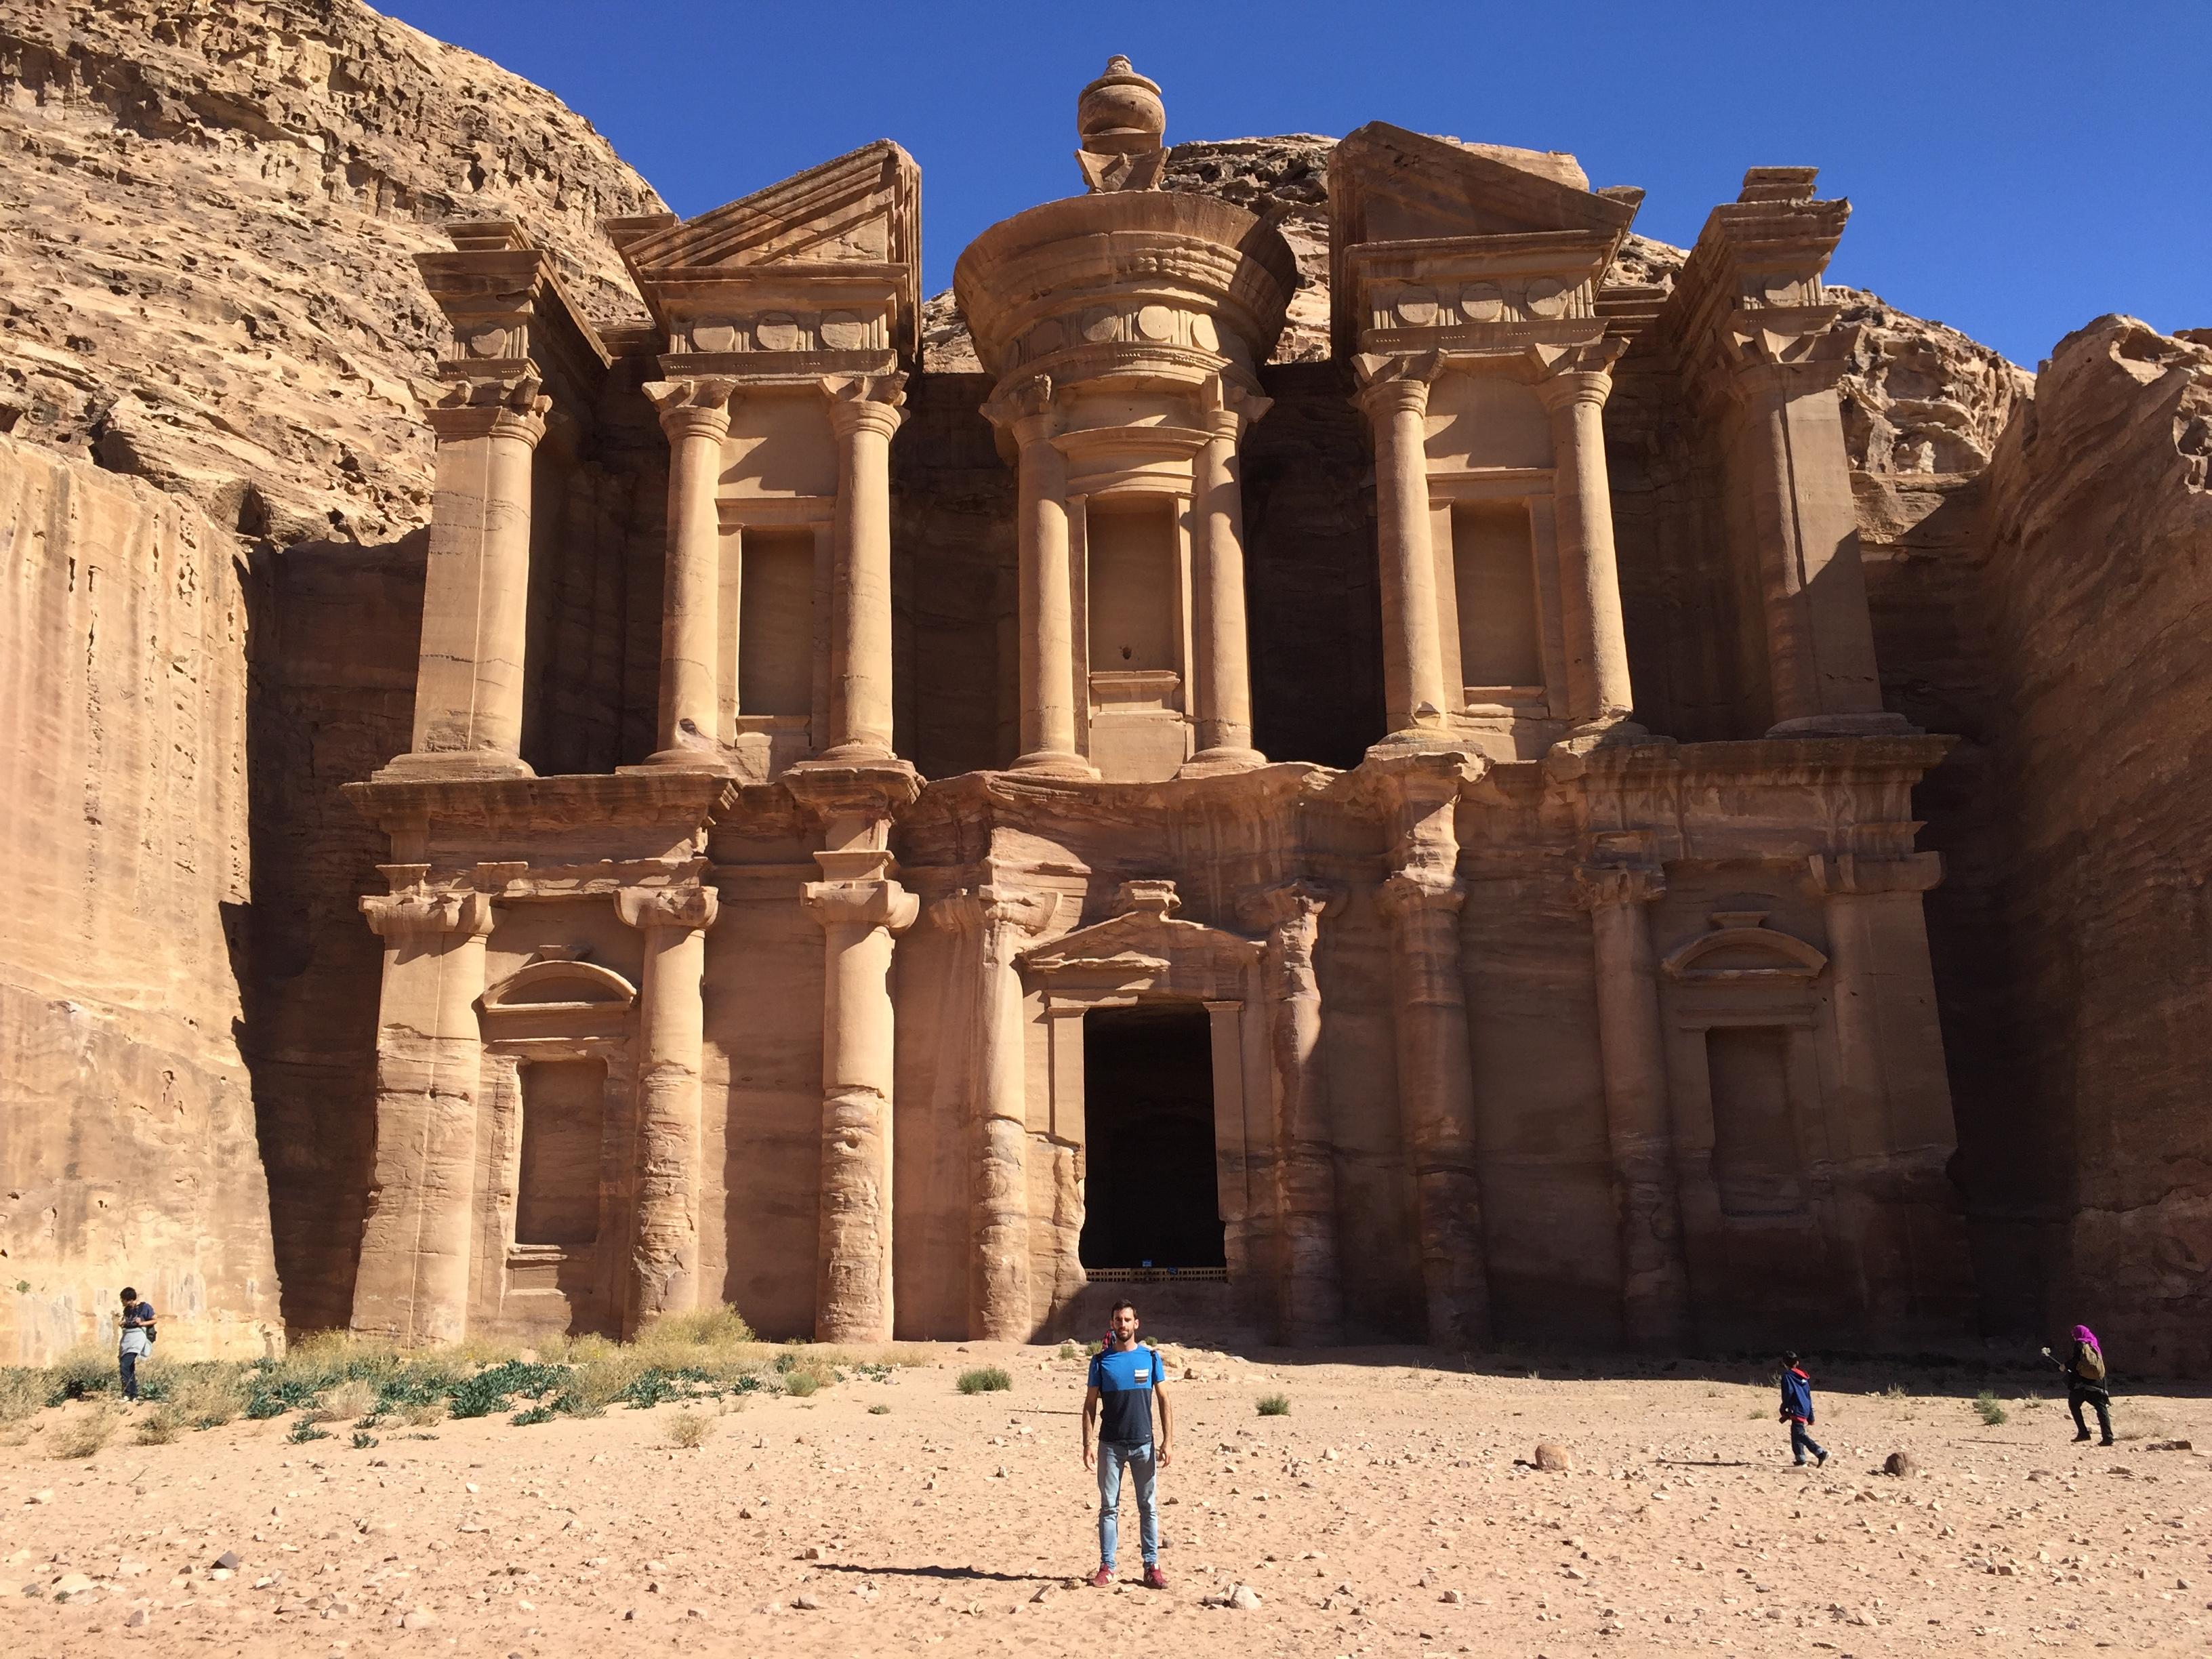 El Monasterio de Petra, en los confines del enclave arqueológico